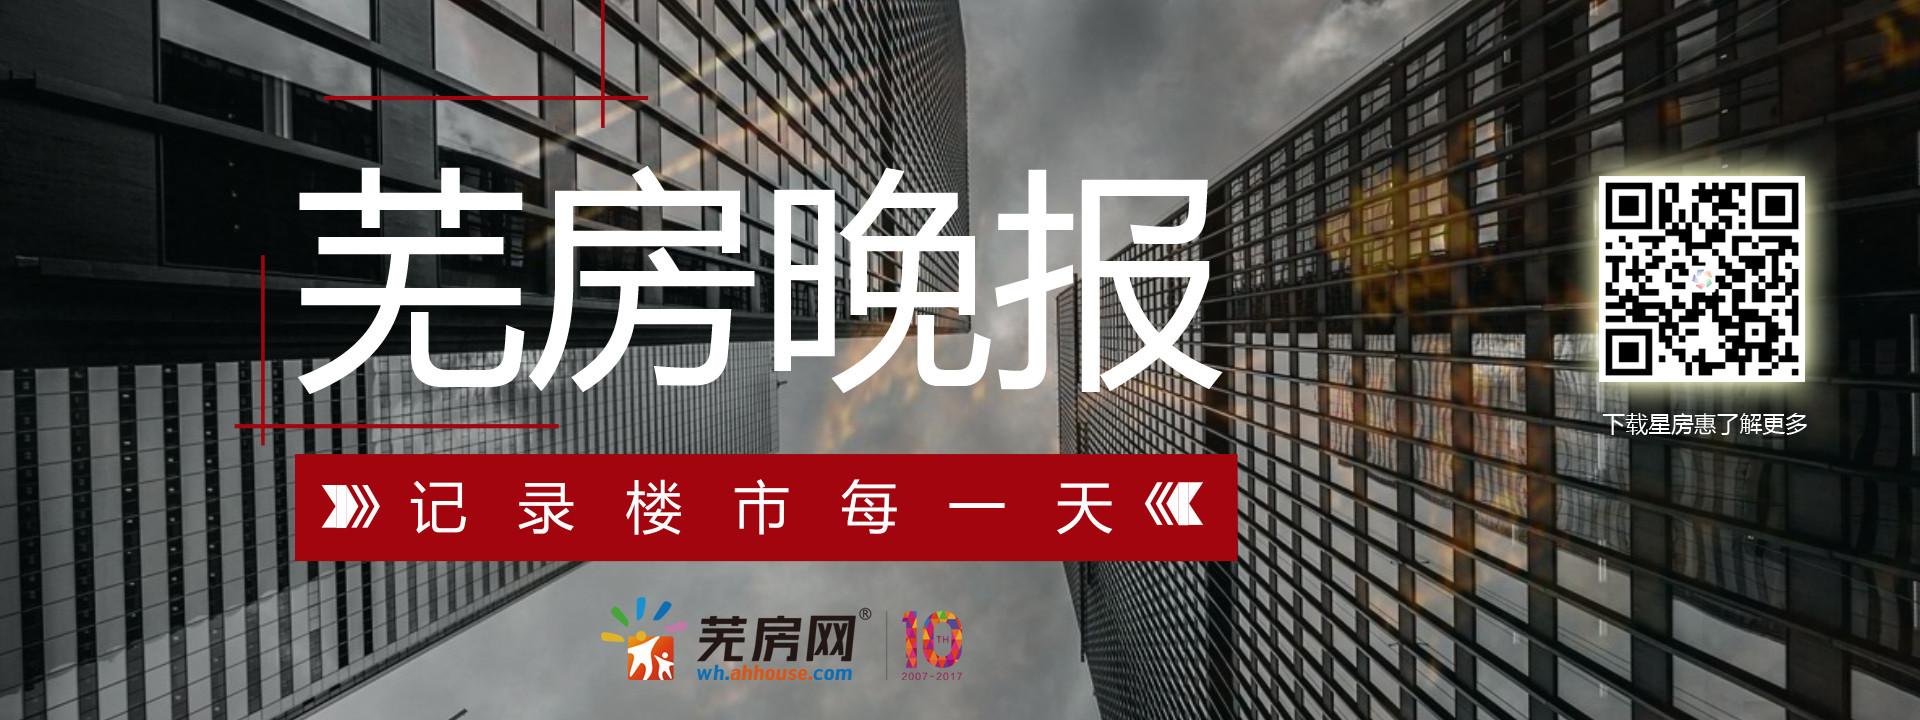 11.20芜房晚报:上周芜湖商品房备案906套环升24.79%